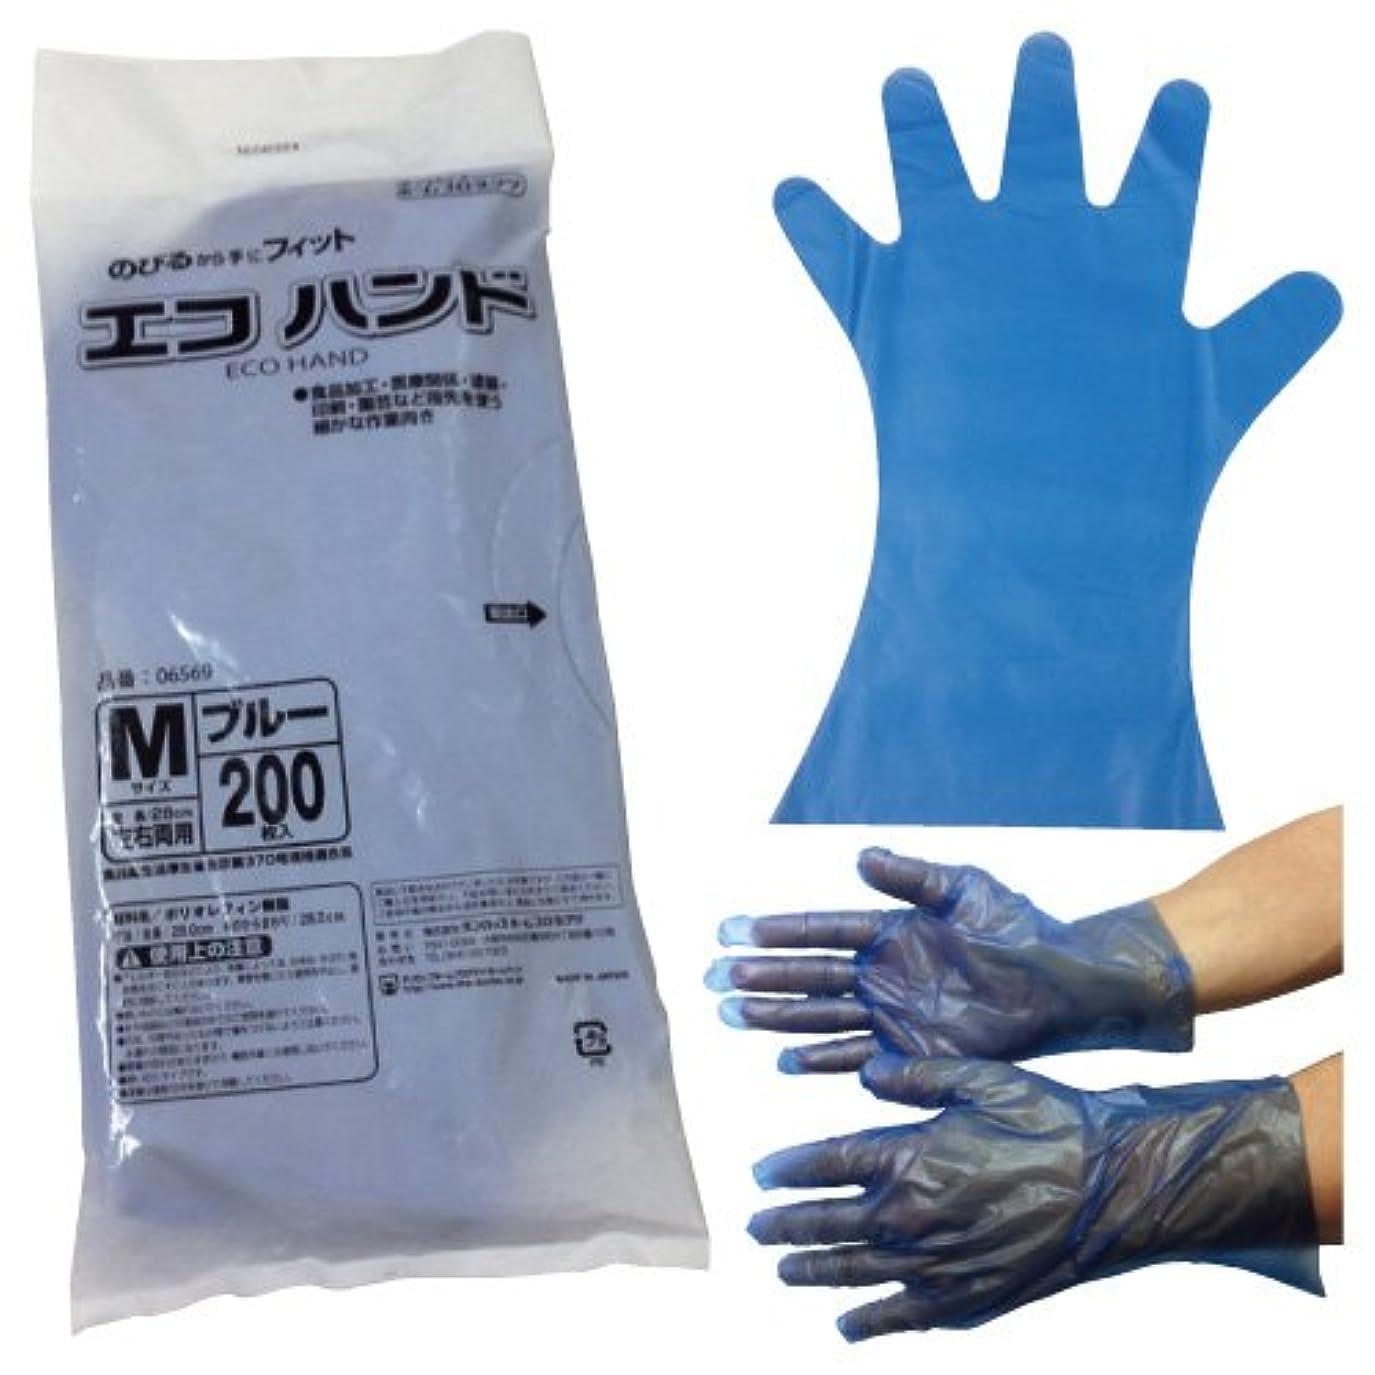 大学生スラッシュ高音補助用手袋 エコハンド(S) ?????????????????(S) 6568(200????)【20袋単位】(24-3470-00)